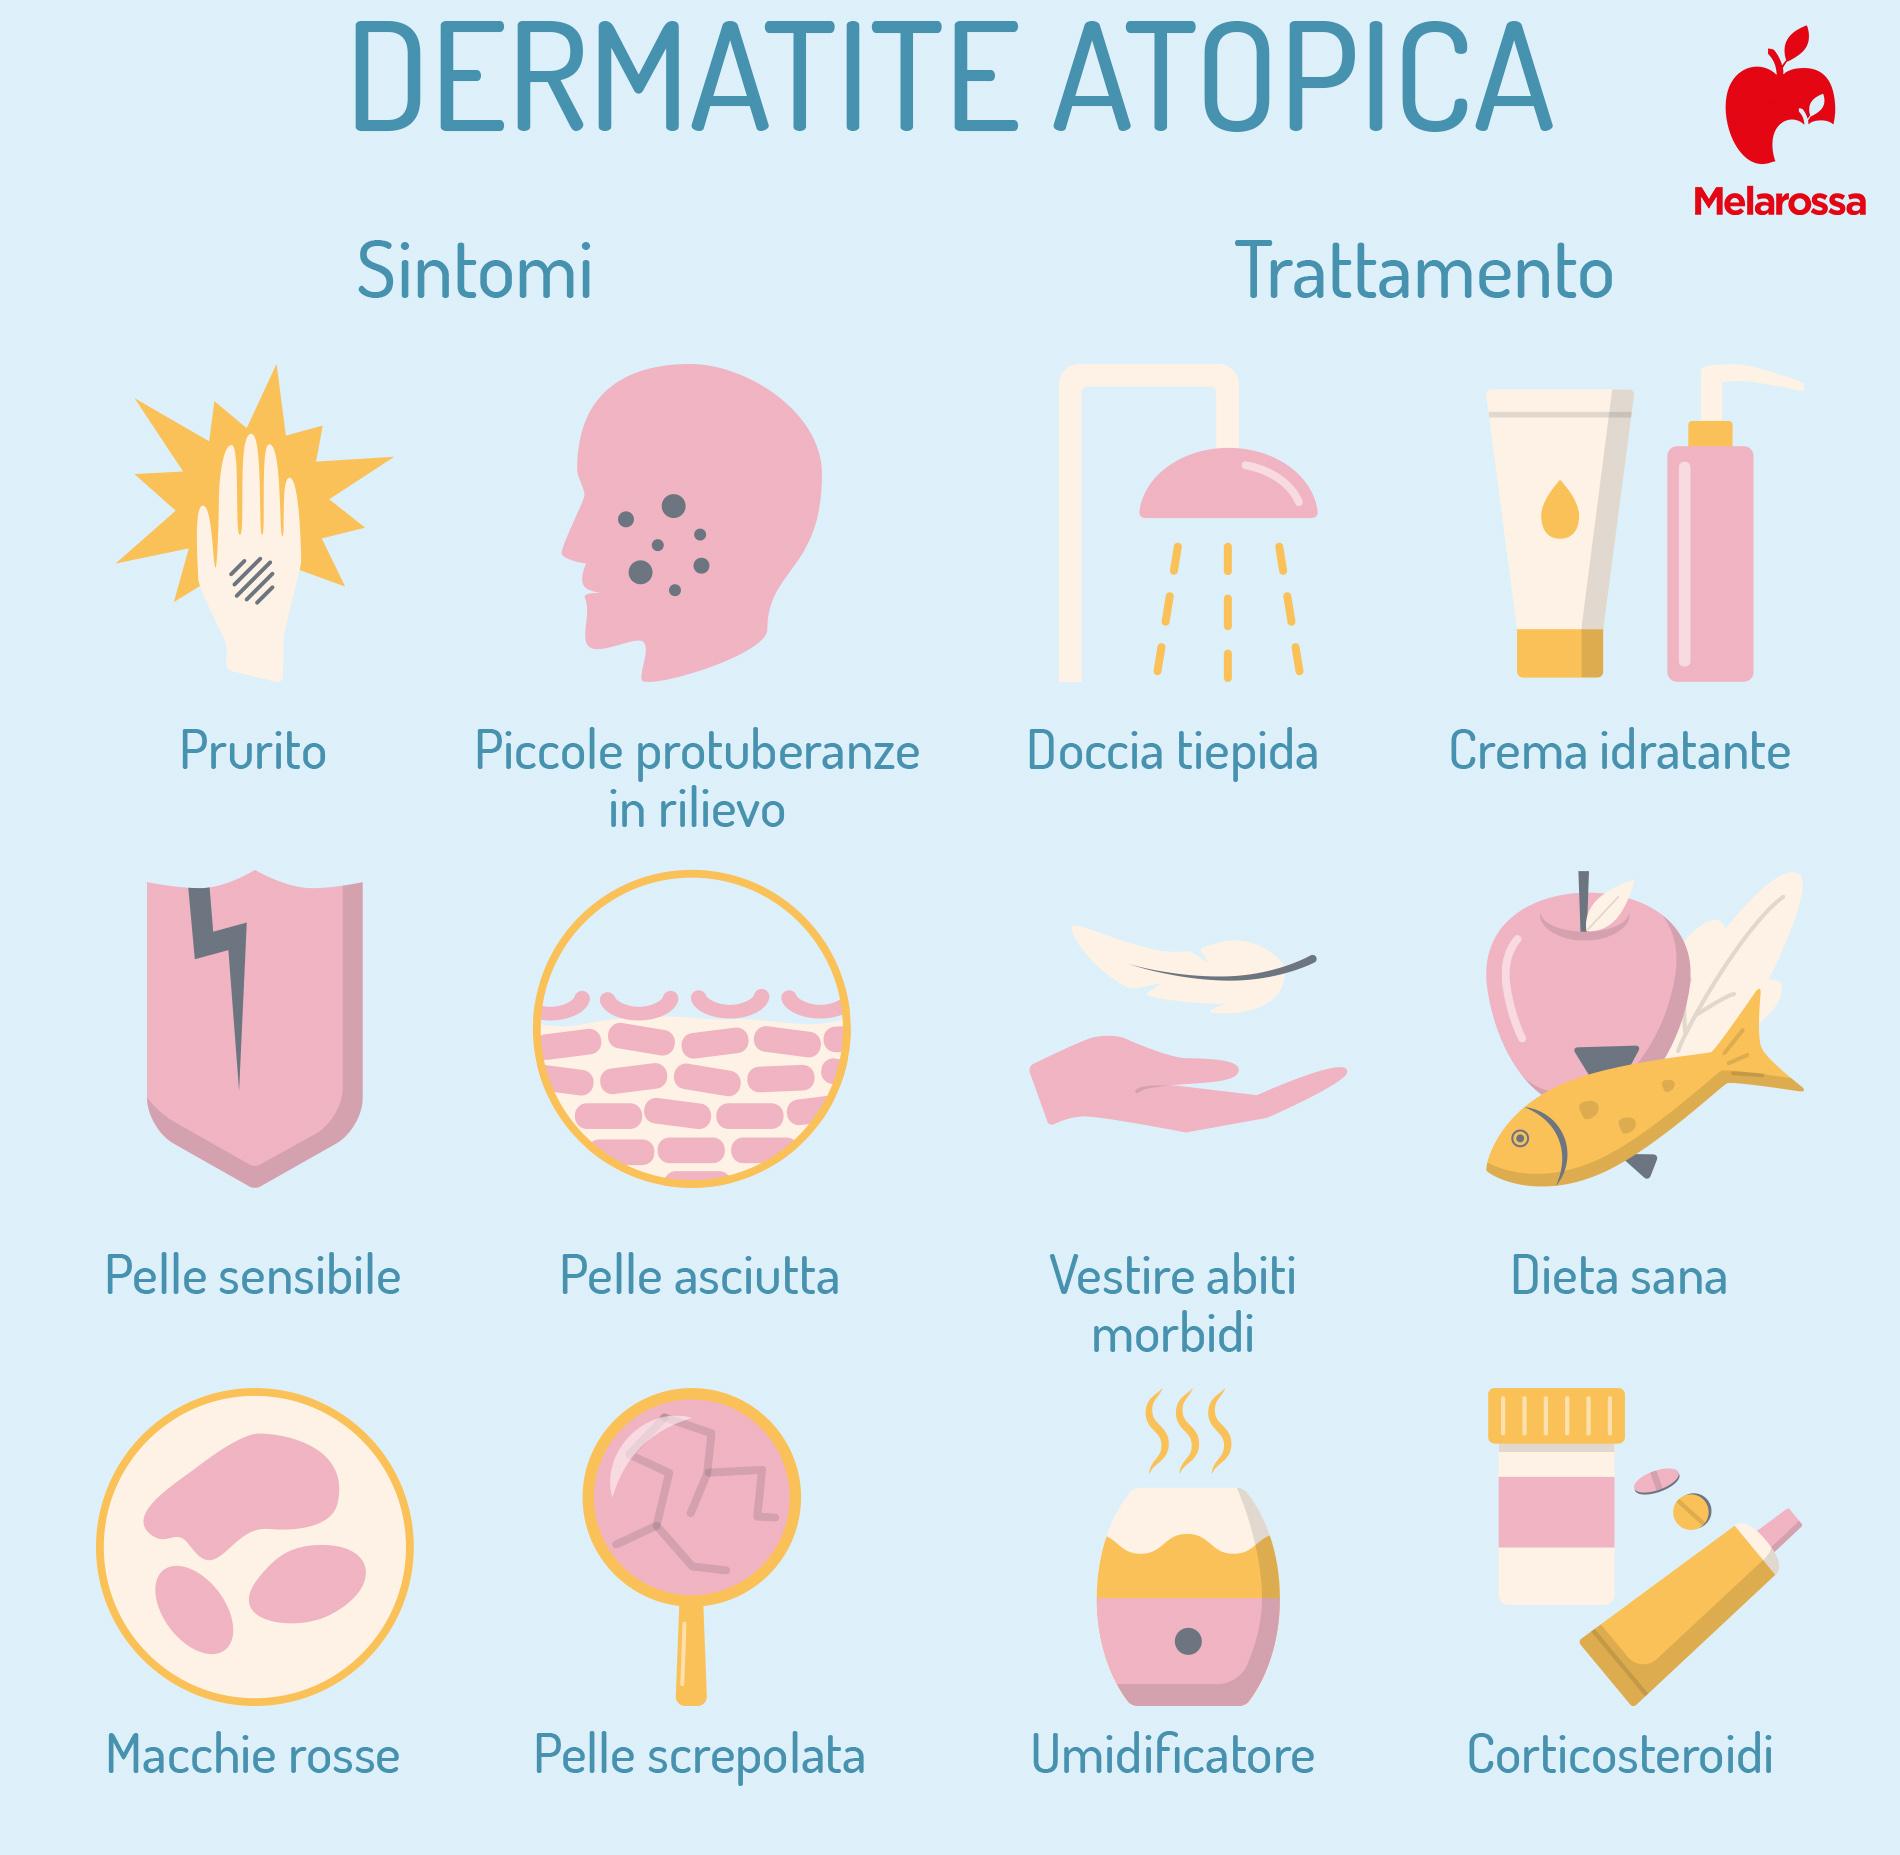 dermatite atopica: sintomi e trattamenti